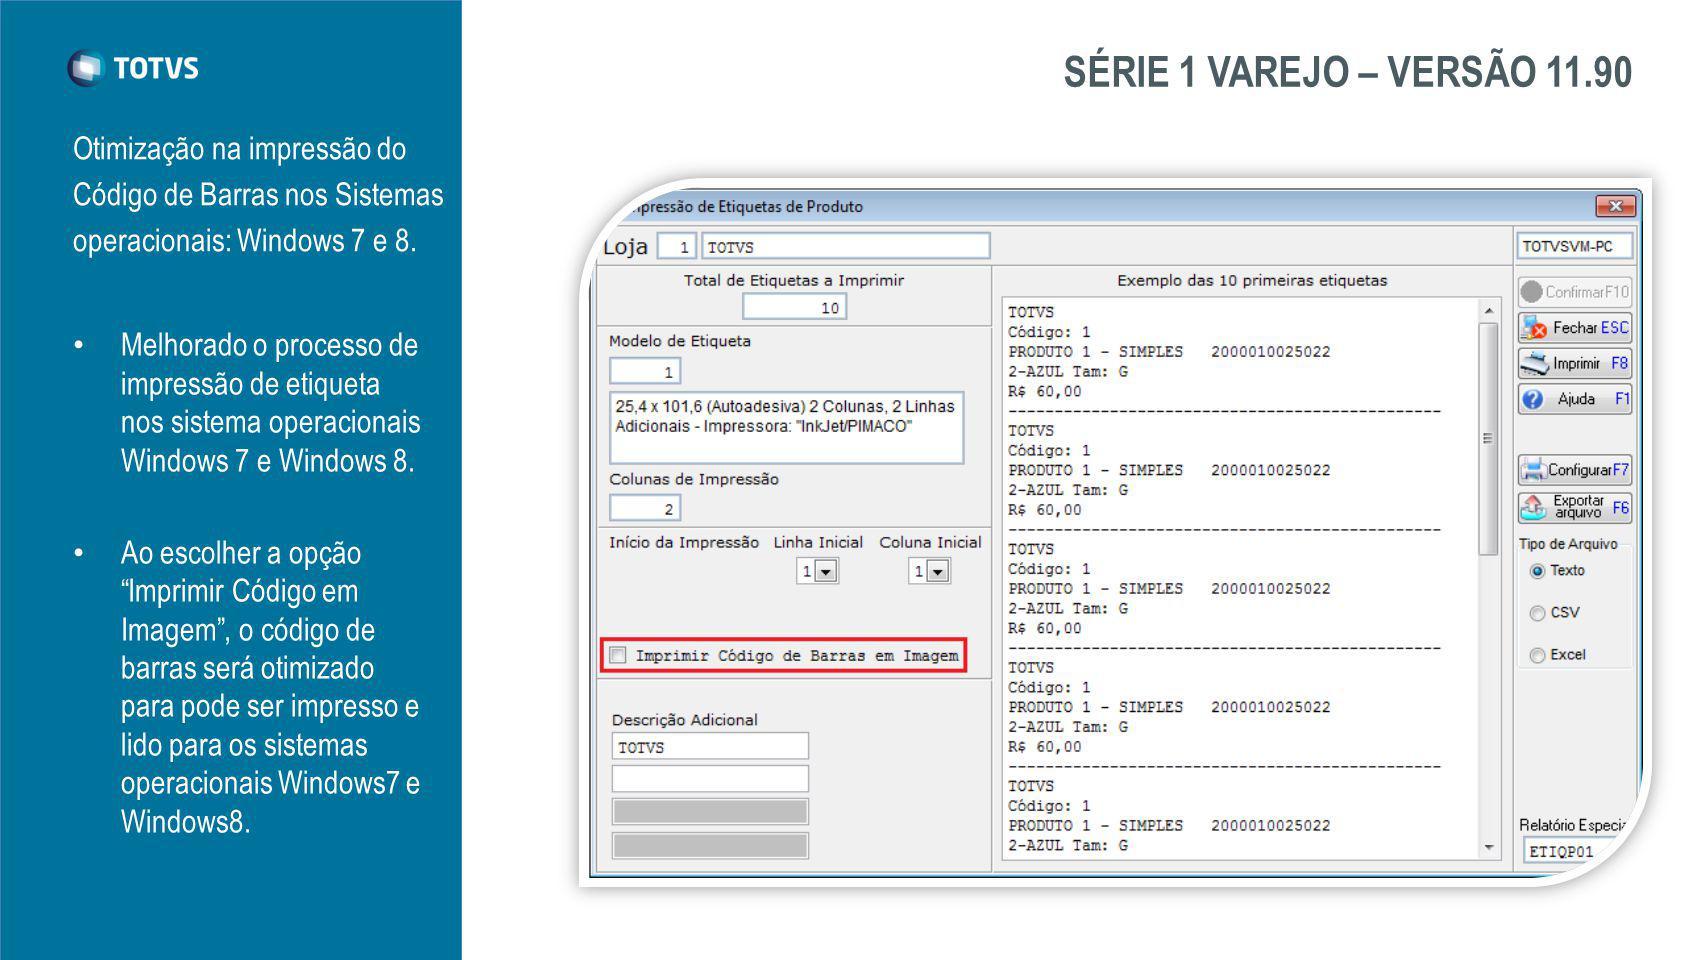 SÉRIE 1 VAREJO – VERSÃO 11.90 Otimização na impressão do